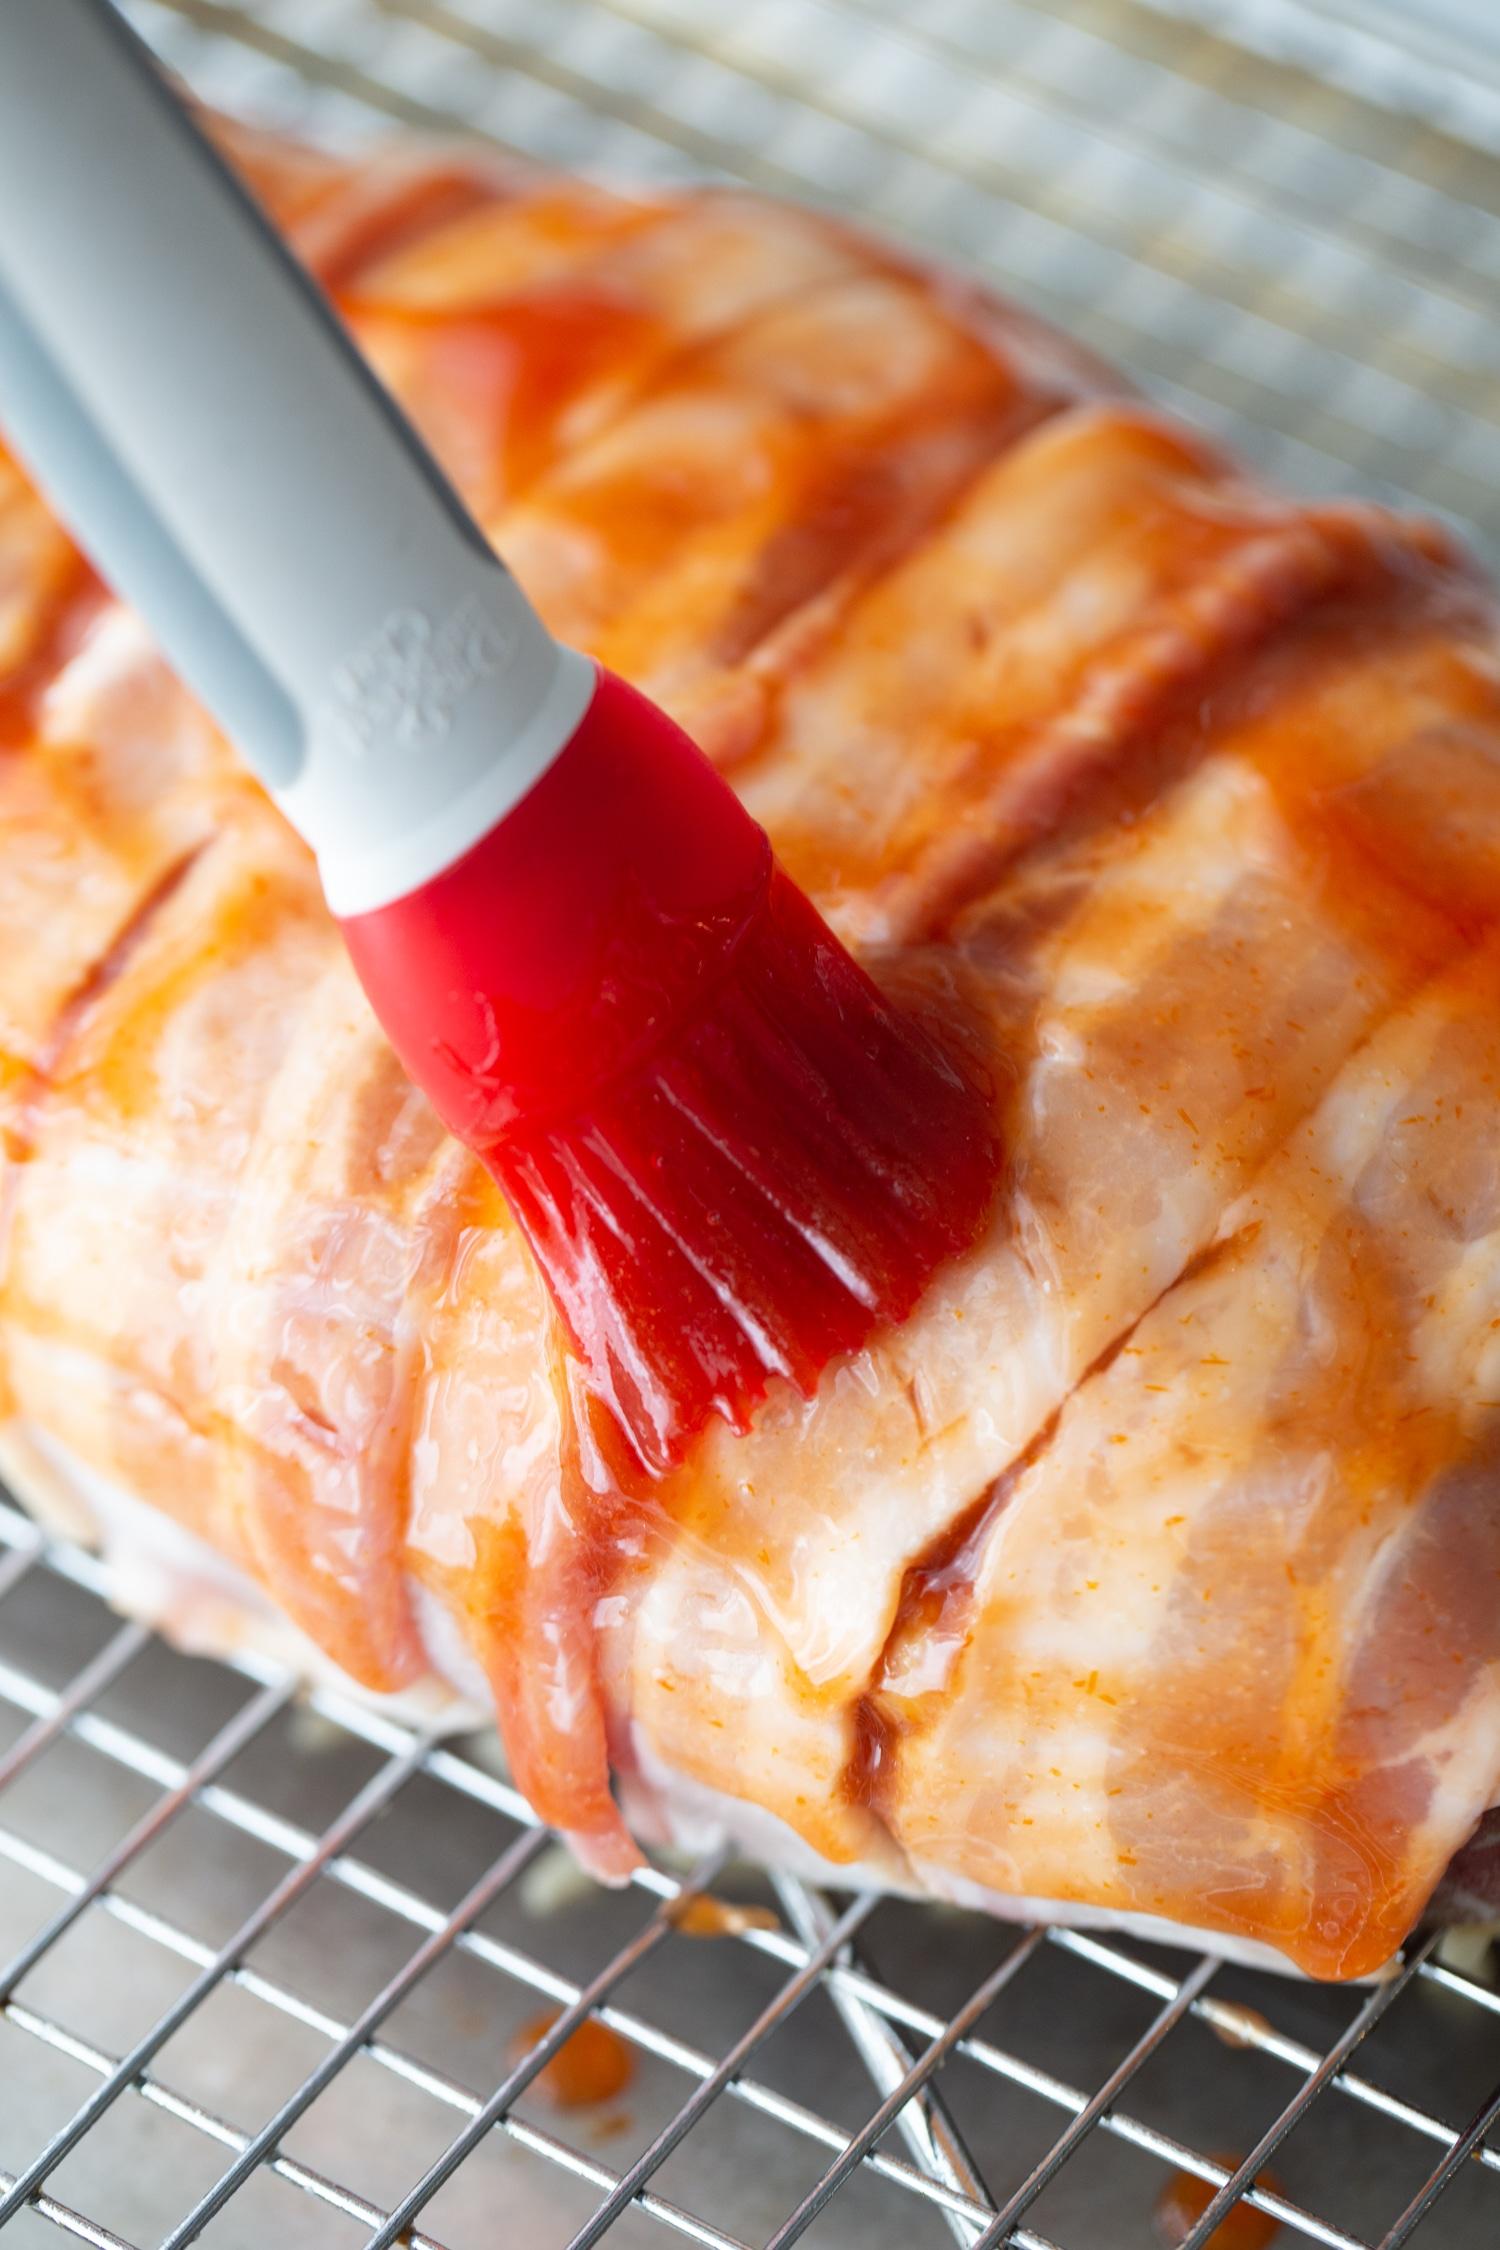 keto meatloaf glaze being brushed onto meatloaf